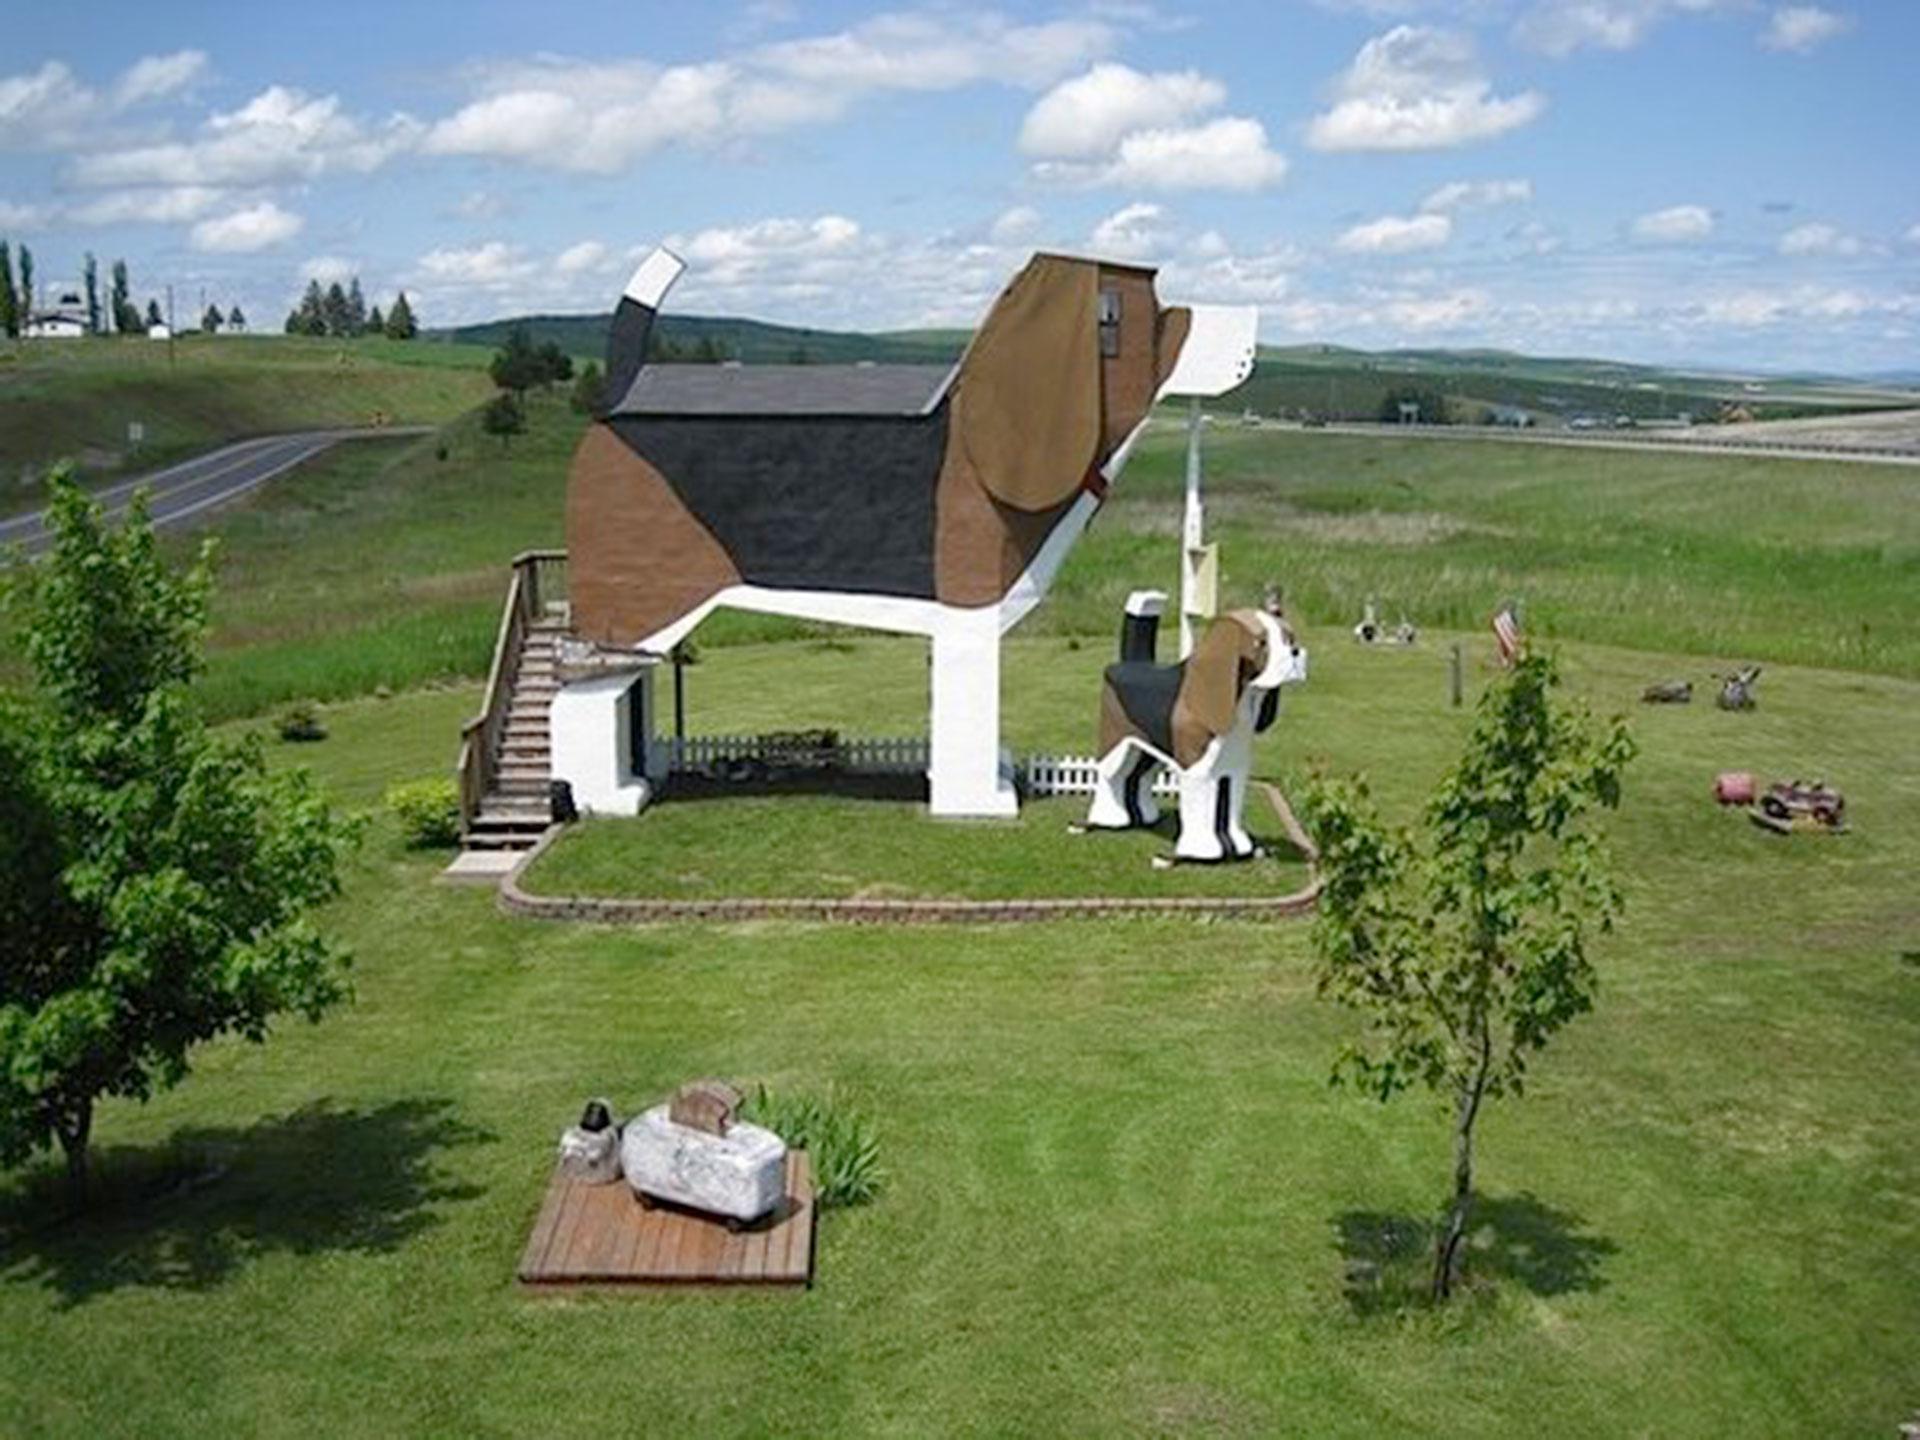 The Dog Bark Park Inn (Idaho, Estados Unidos). Lo que sobresale de este Bed&Breakfast es que toda la estructura tiene la forma de un perro gigante de raza beagle. El can más grande es apodado Dulce Willy